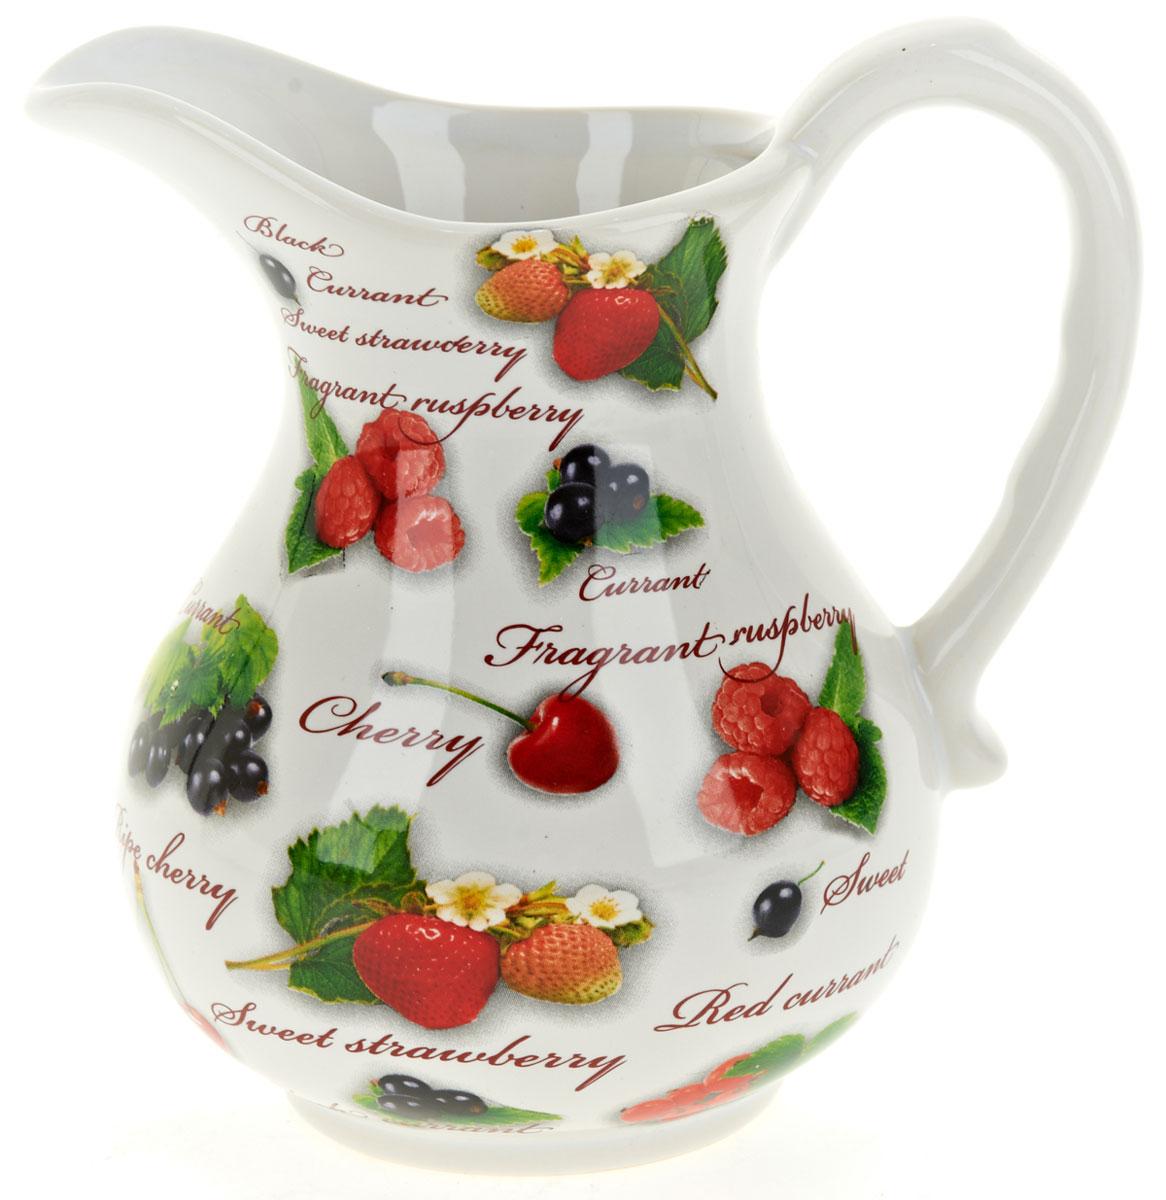 Кувшин ENS Group Садовая ягода, 1,2 лVT-1520(SR)Кувшин Садовая ягода изготовлен из высококачественной керамики и оформлен красочным изображением и надписями. Кувшин оснащен удобной ручкой. Изделие прекрасно подходит для подачи воды, сока, компота и других напитков. Изящный кувшин красиво оформит стол и порадует вас элегантным дизайном и простотой ухода.